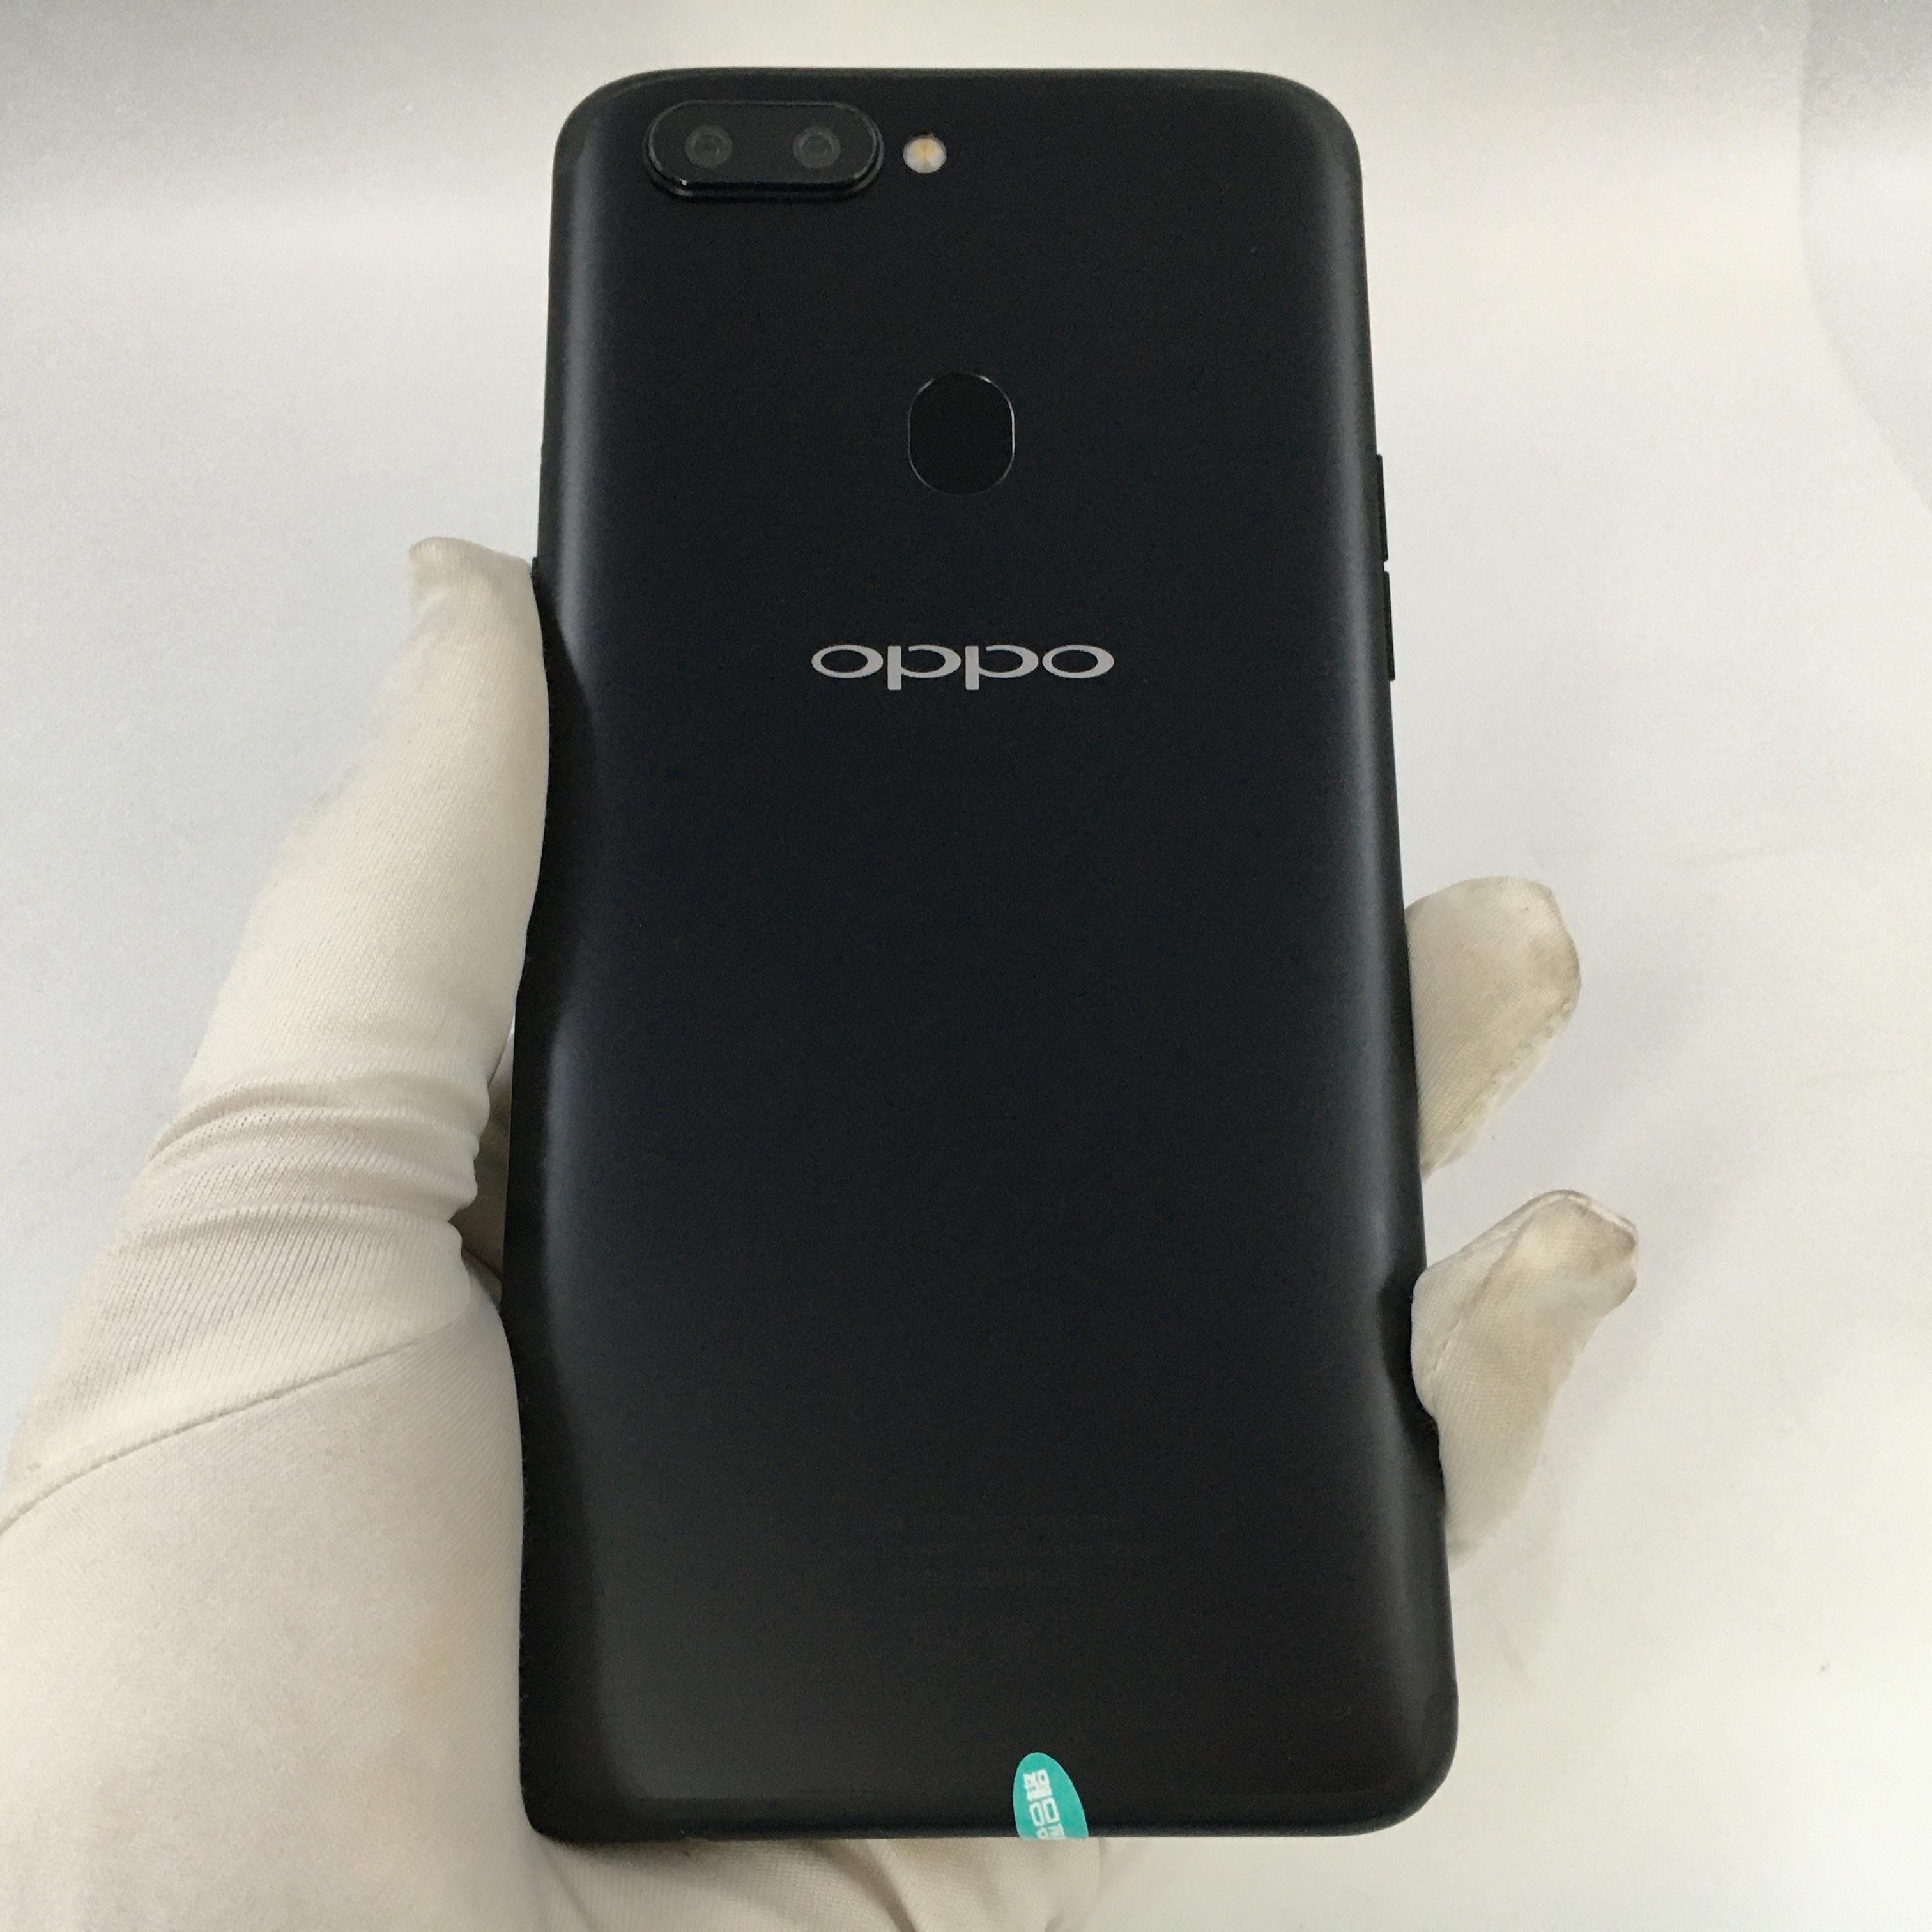 oppo【R11s】4G全网通 黑色 64G 国行 9成新